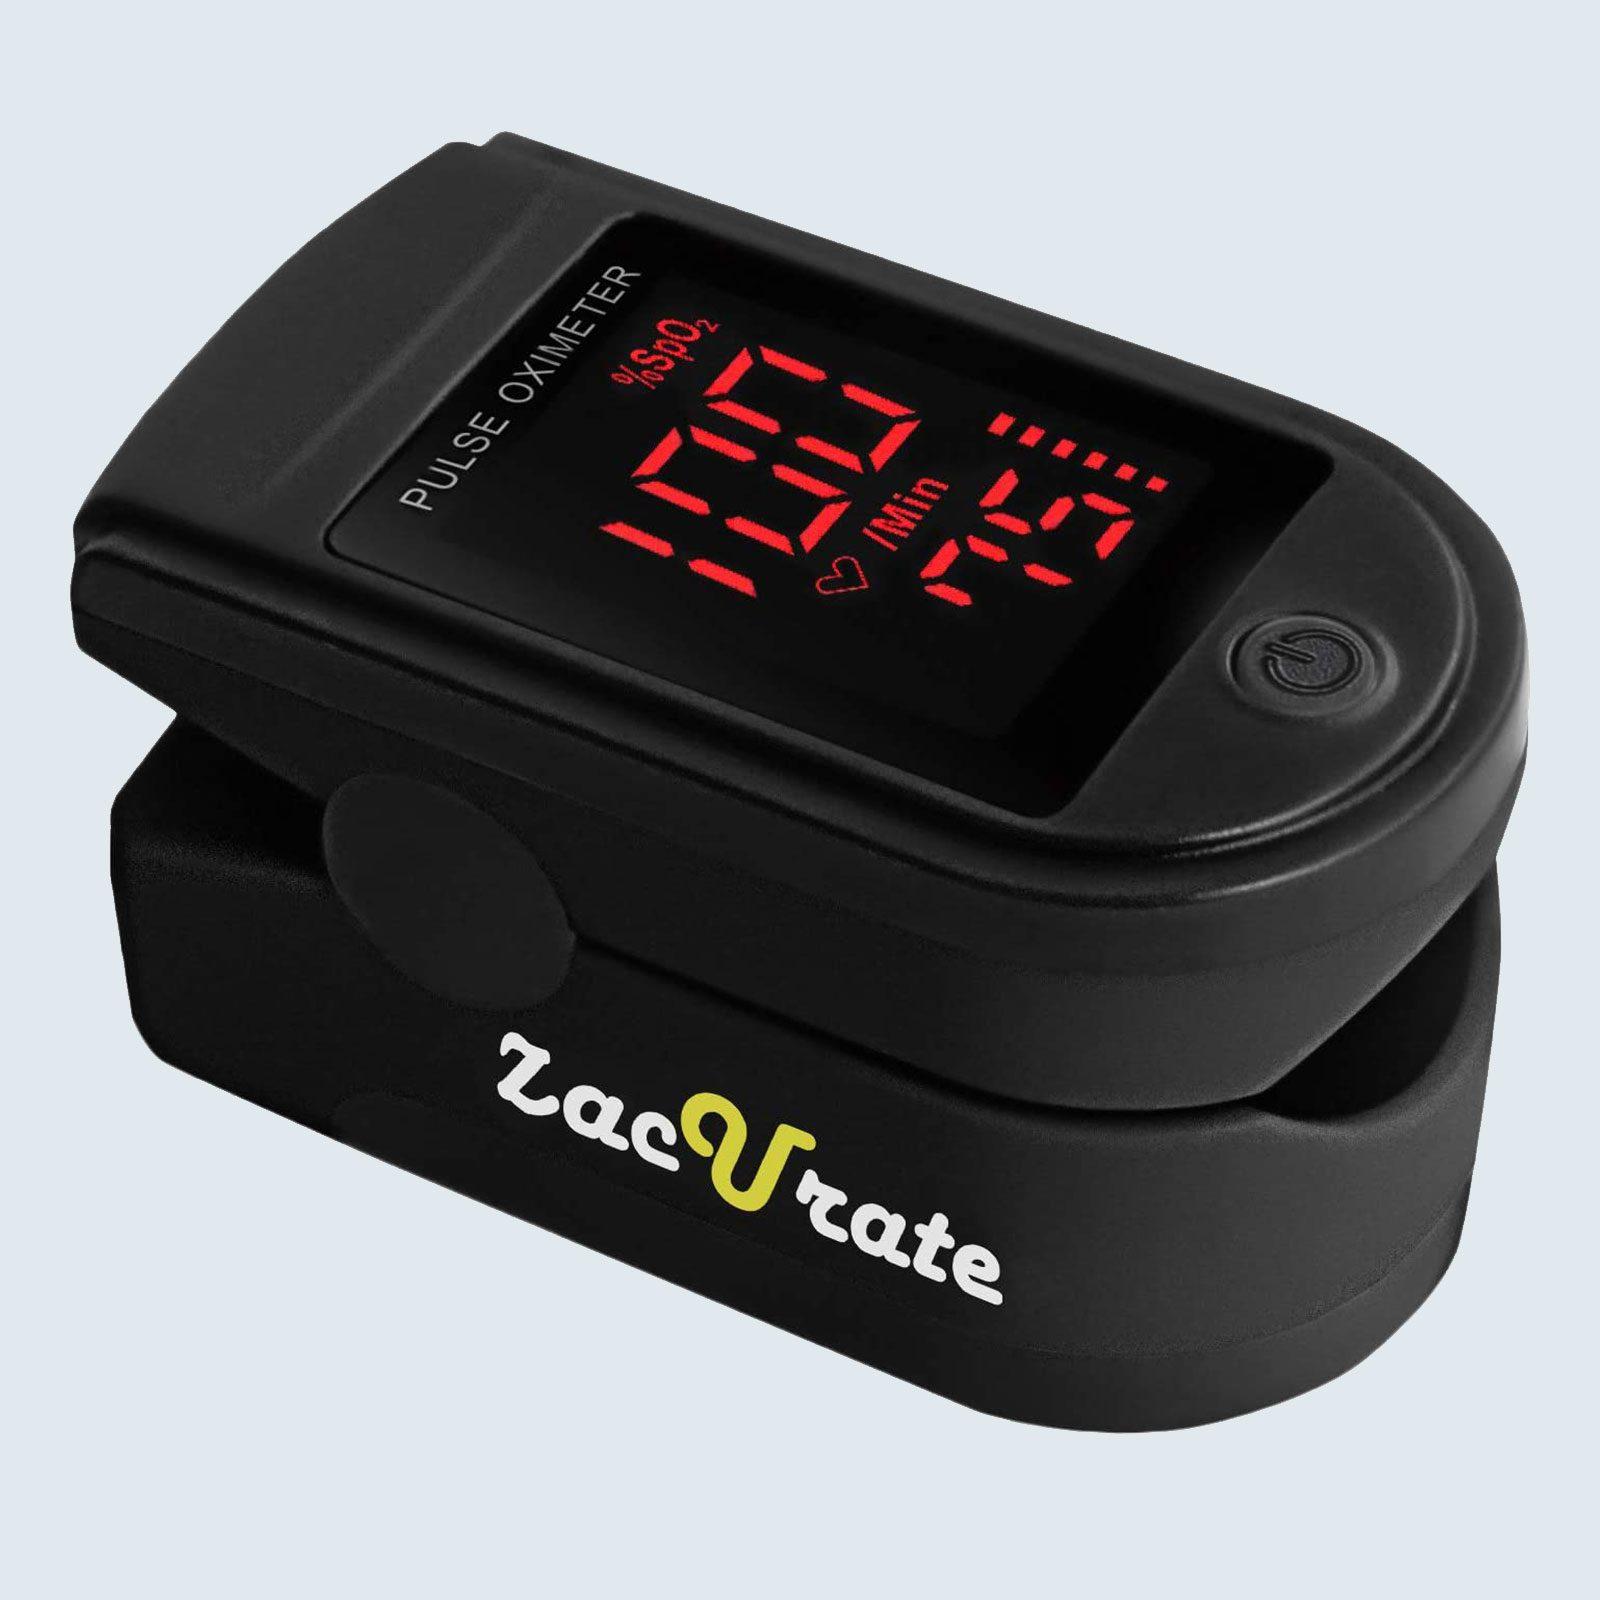 Zacurate Pulse Oximeter